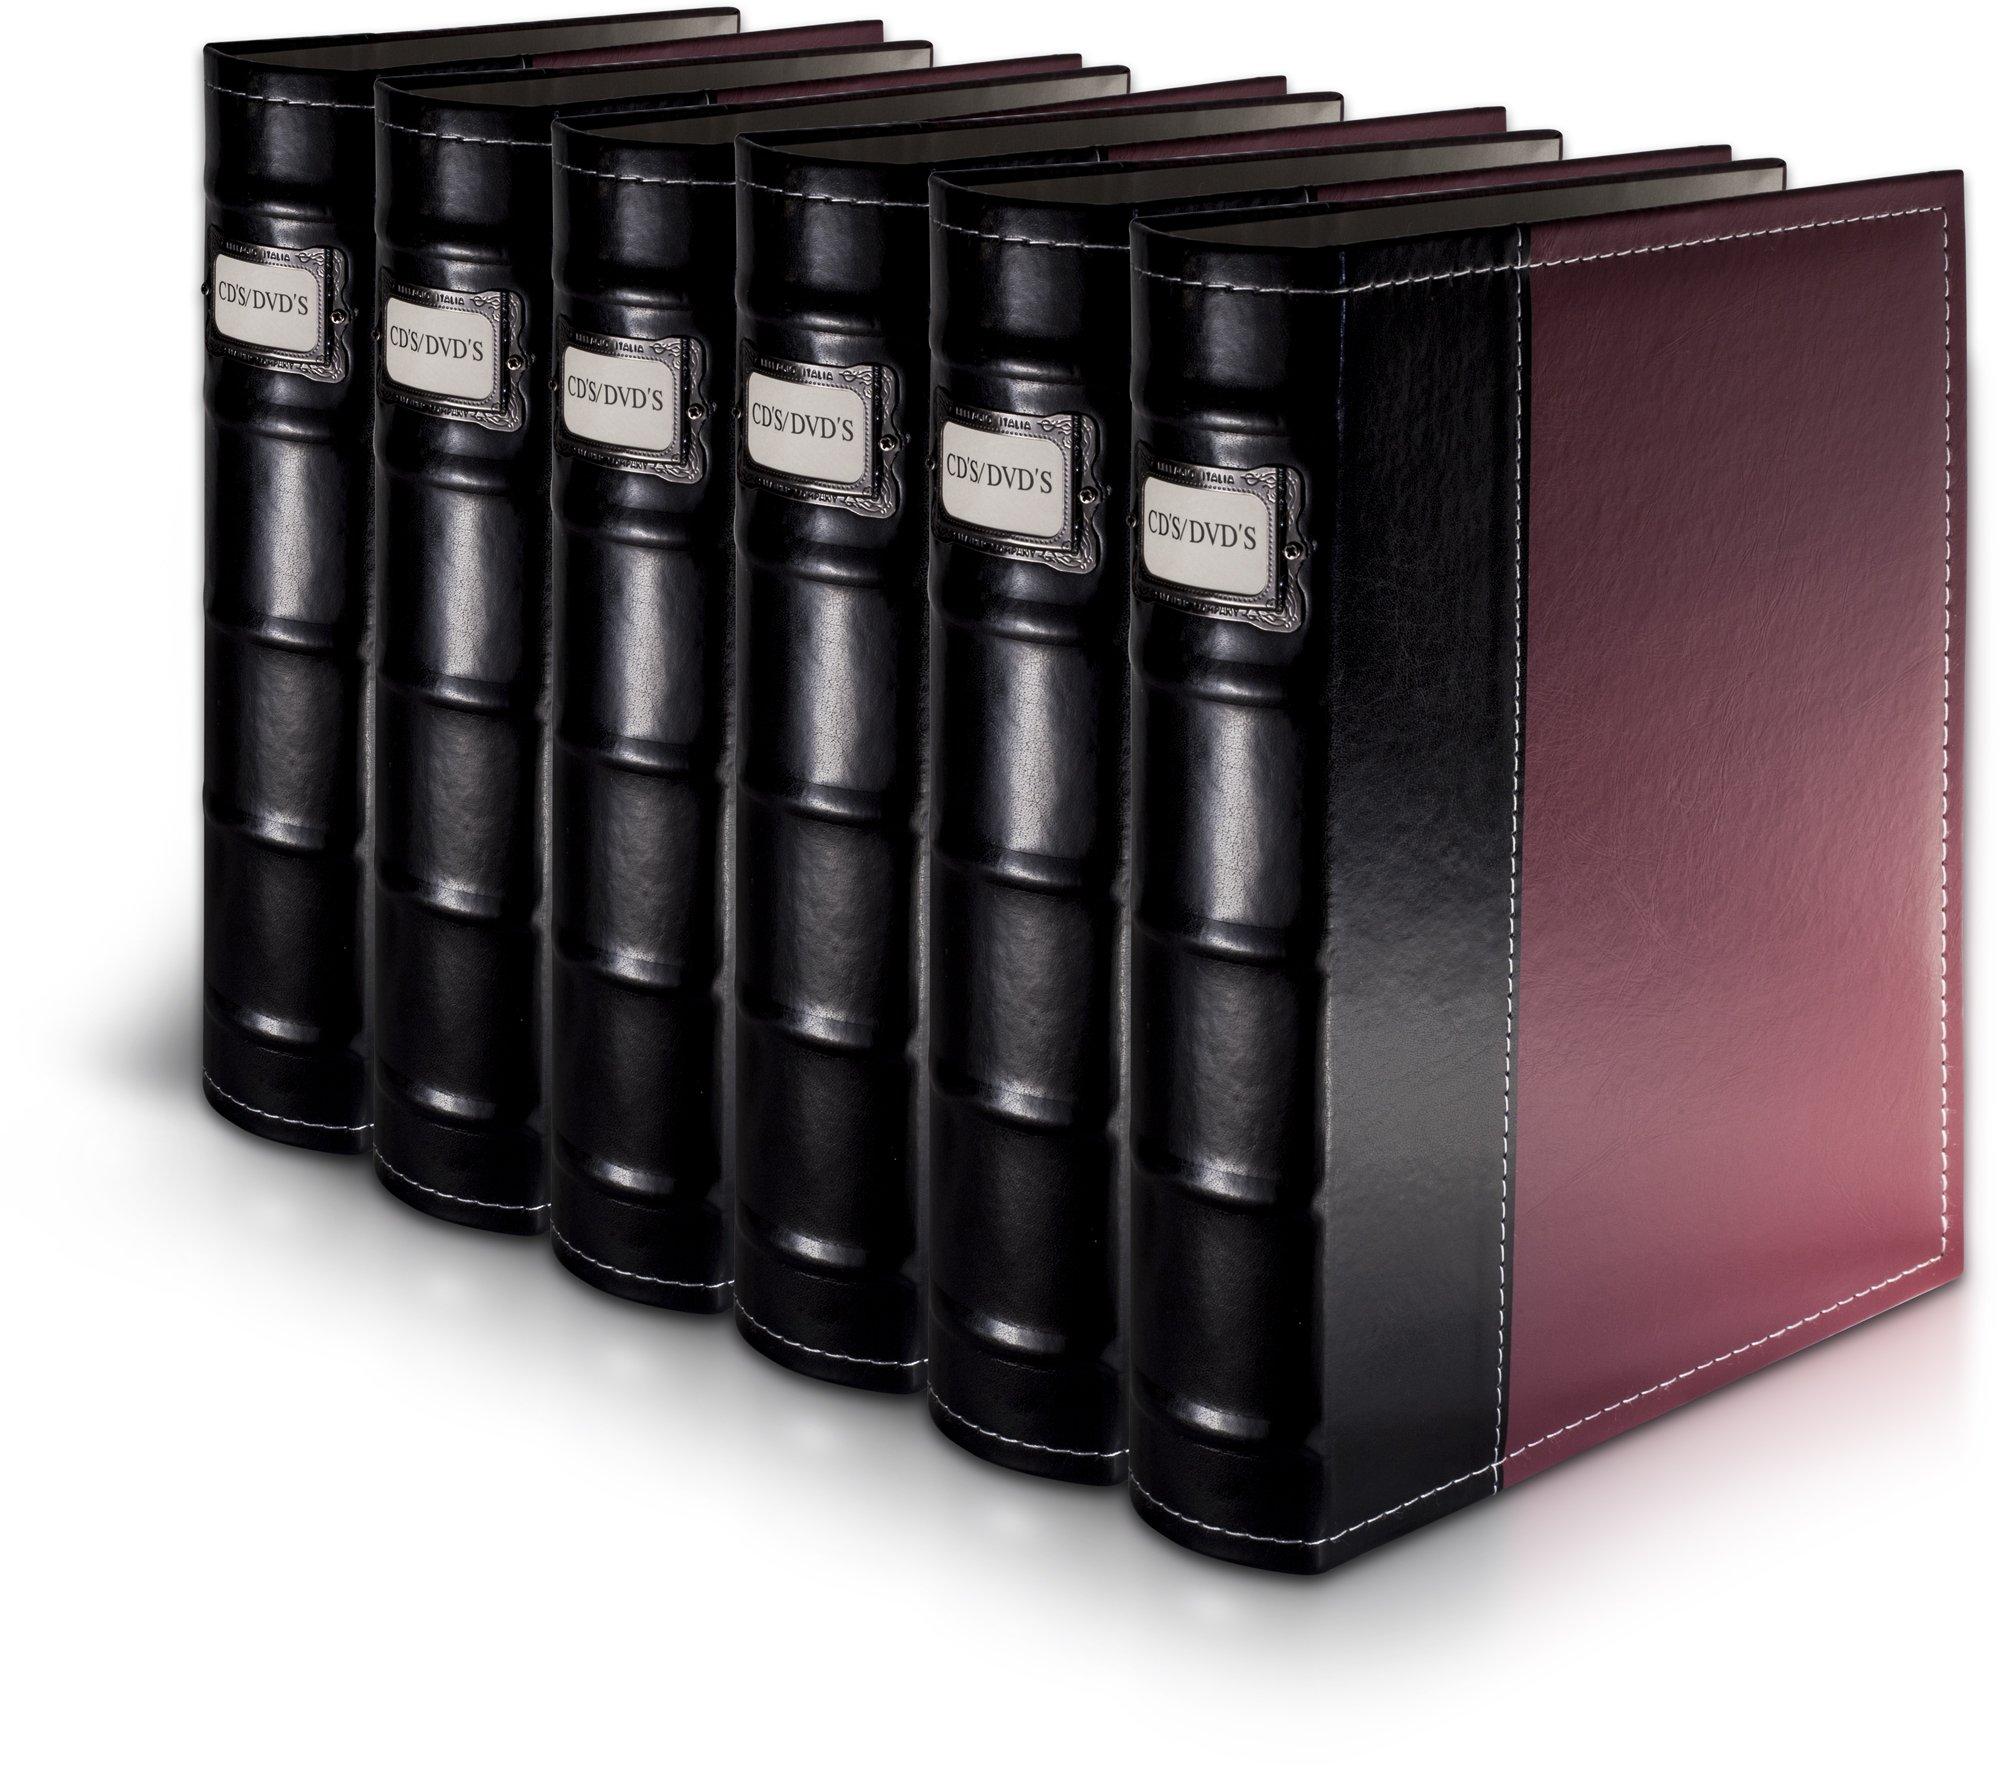 e2c2c0f0 Bellagio-Italia Burgundy DVD Storage Binder Set - Stores Up To 288 DVDs, CDs